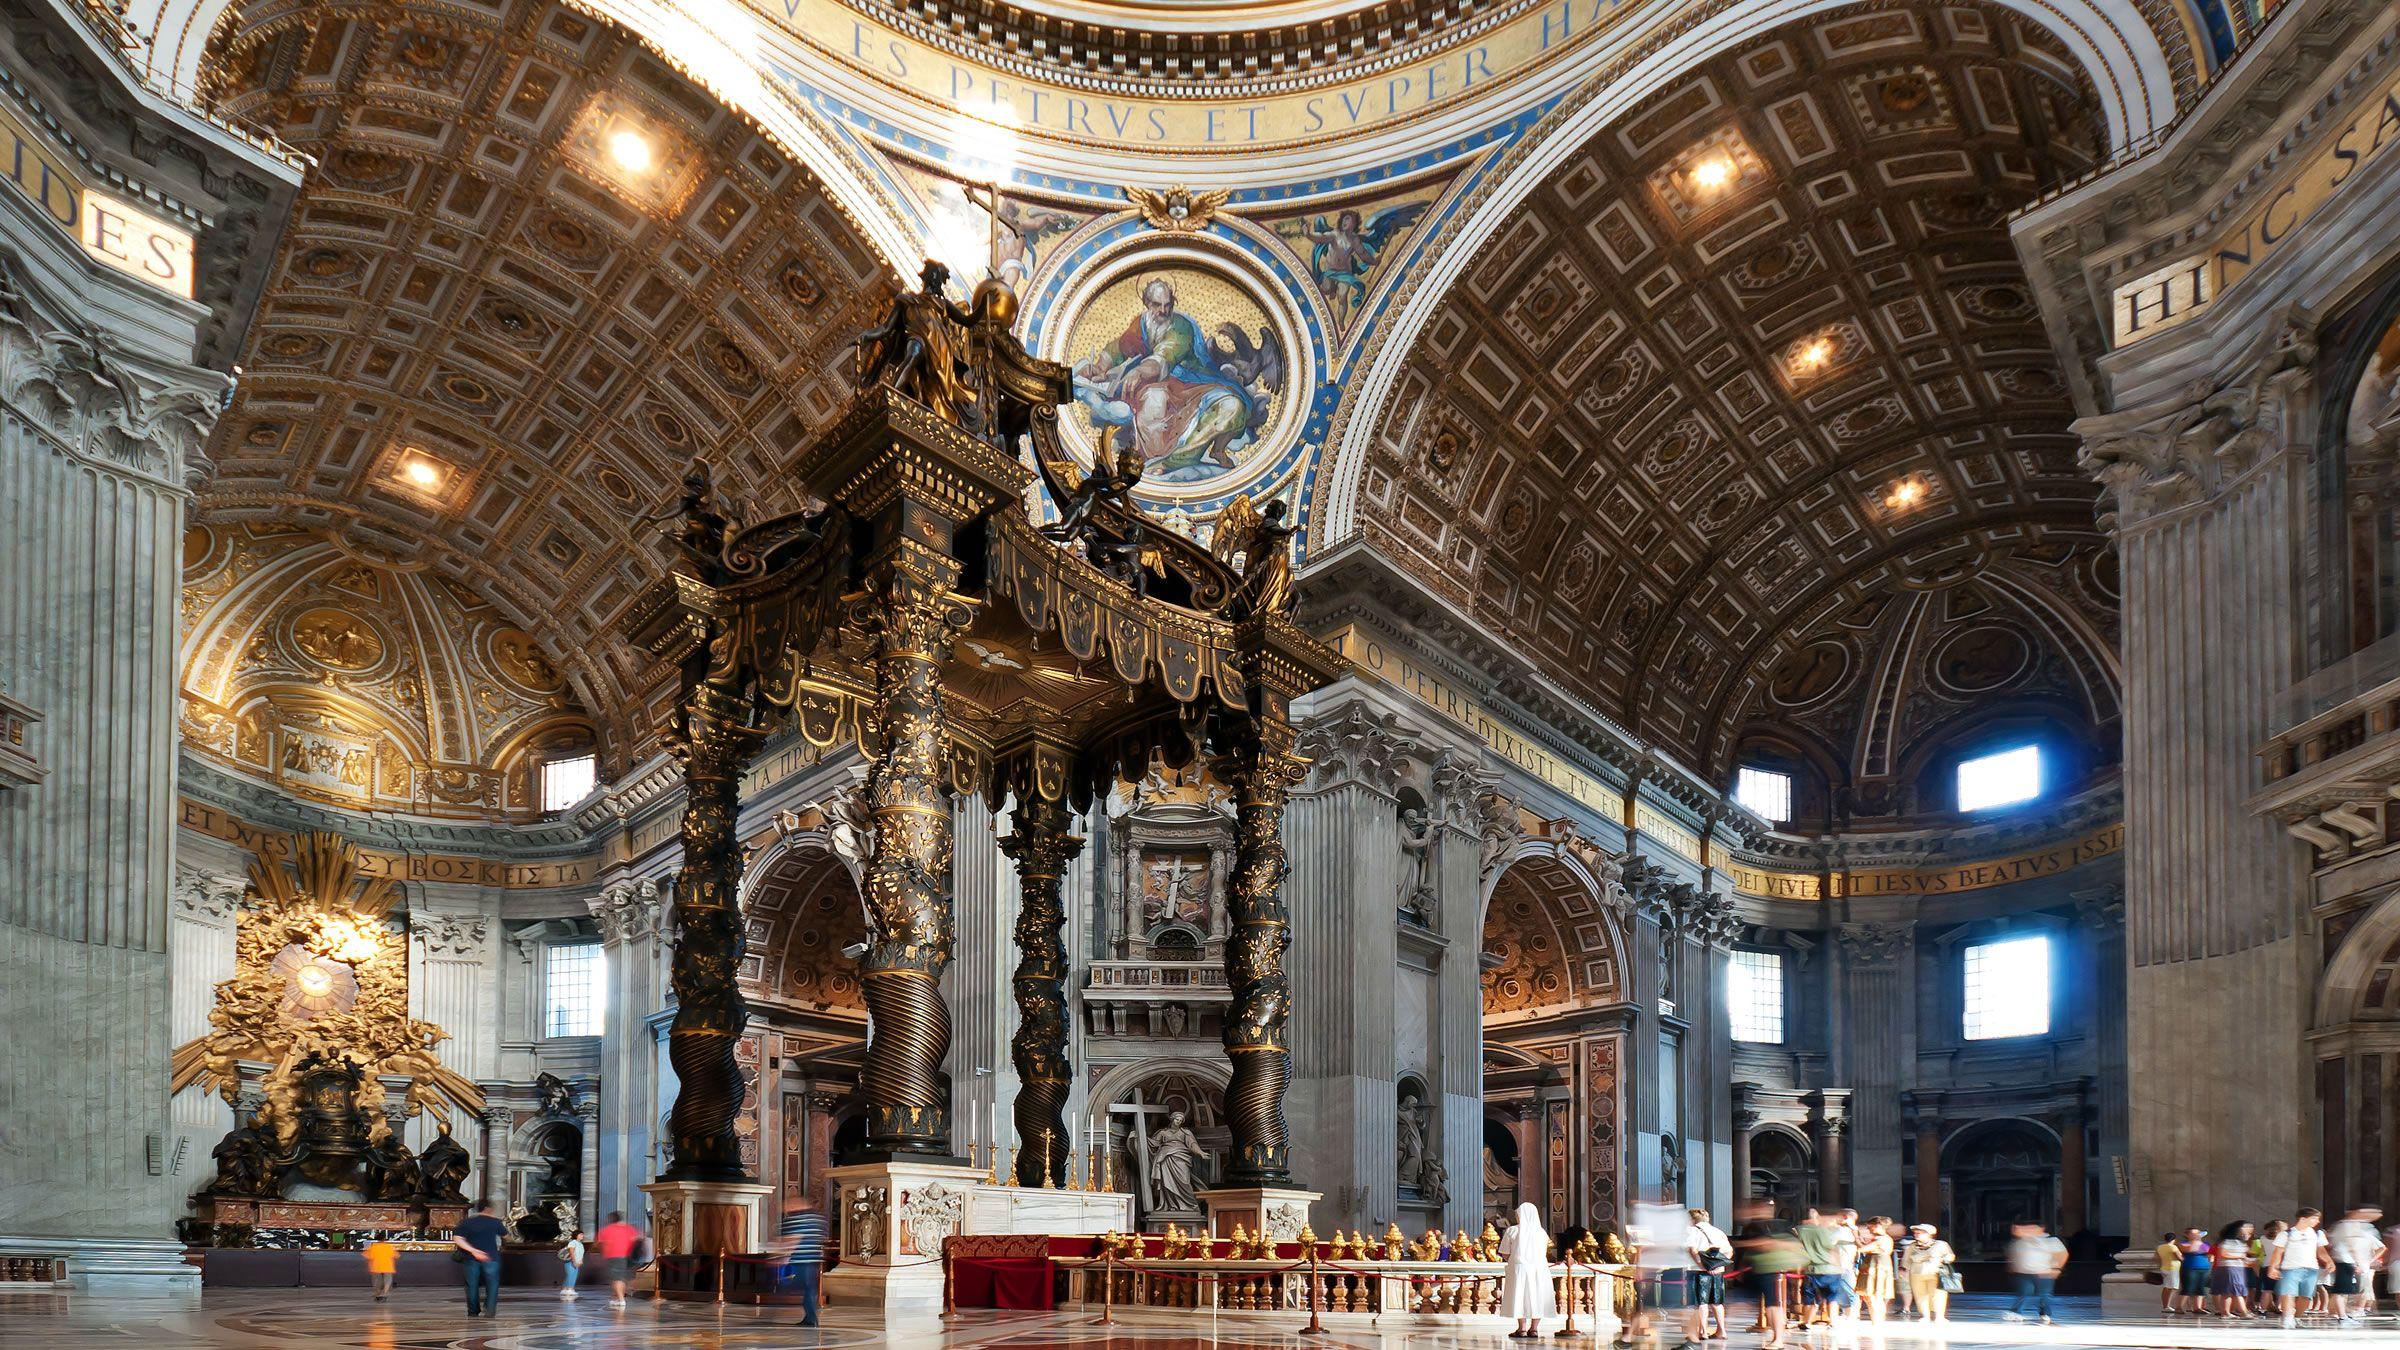 El interior de la Basílica de San Pedro